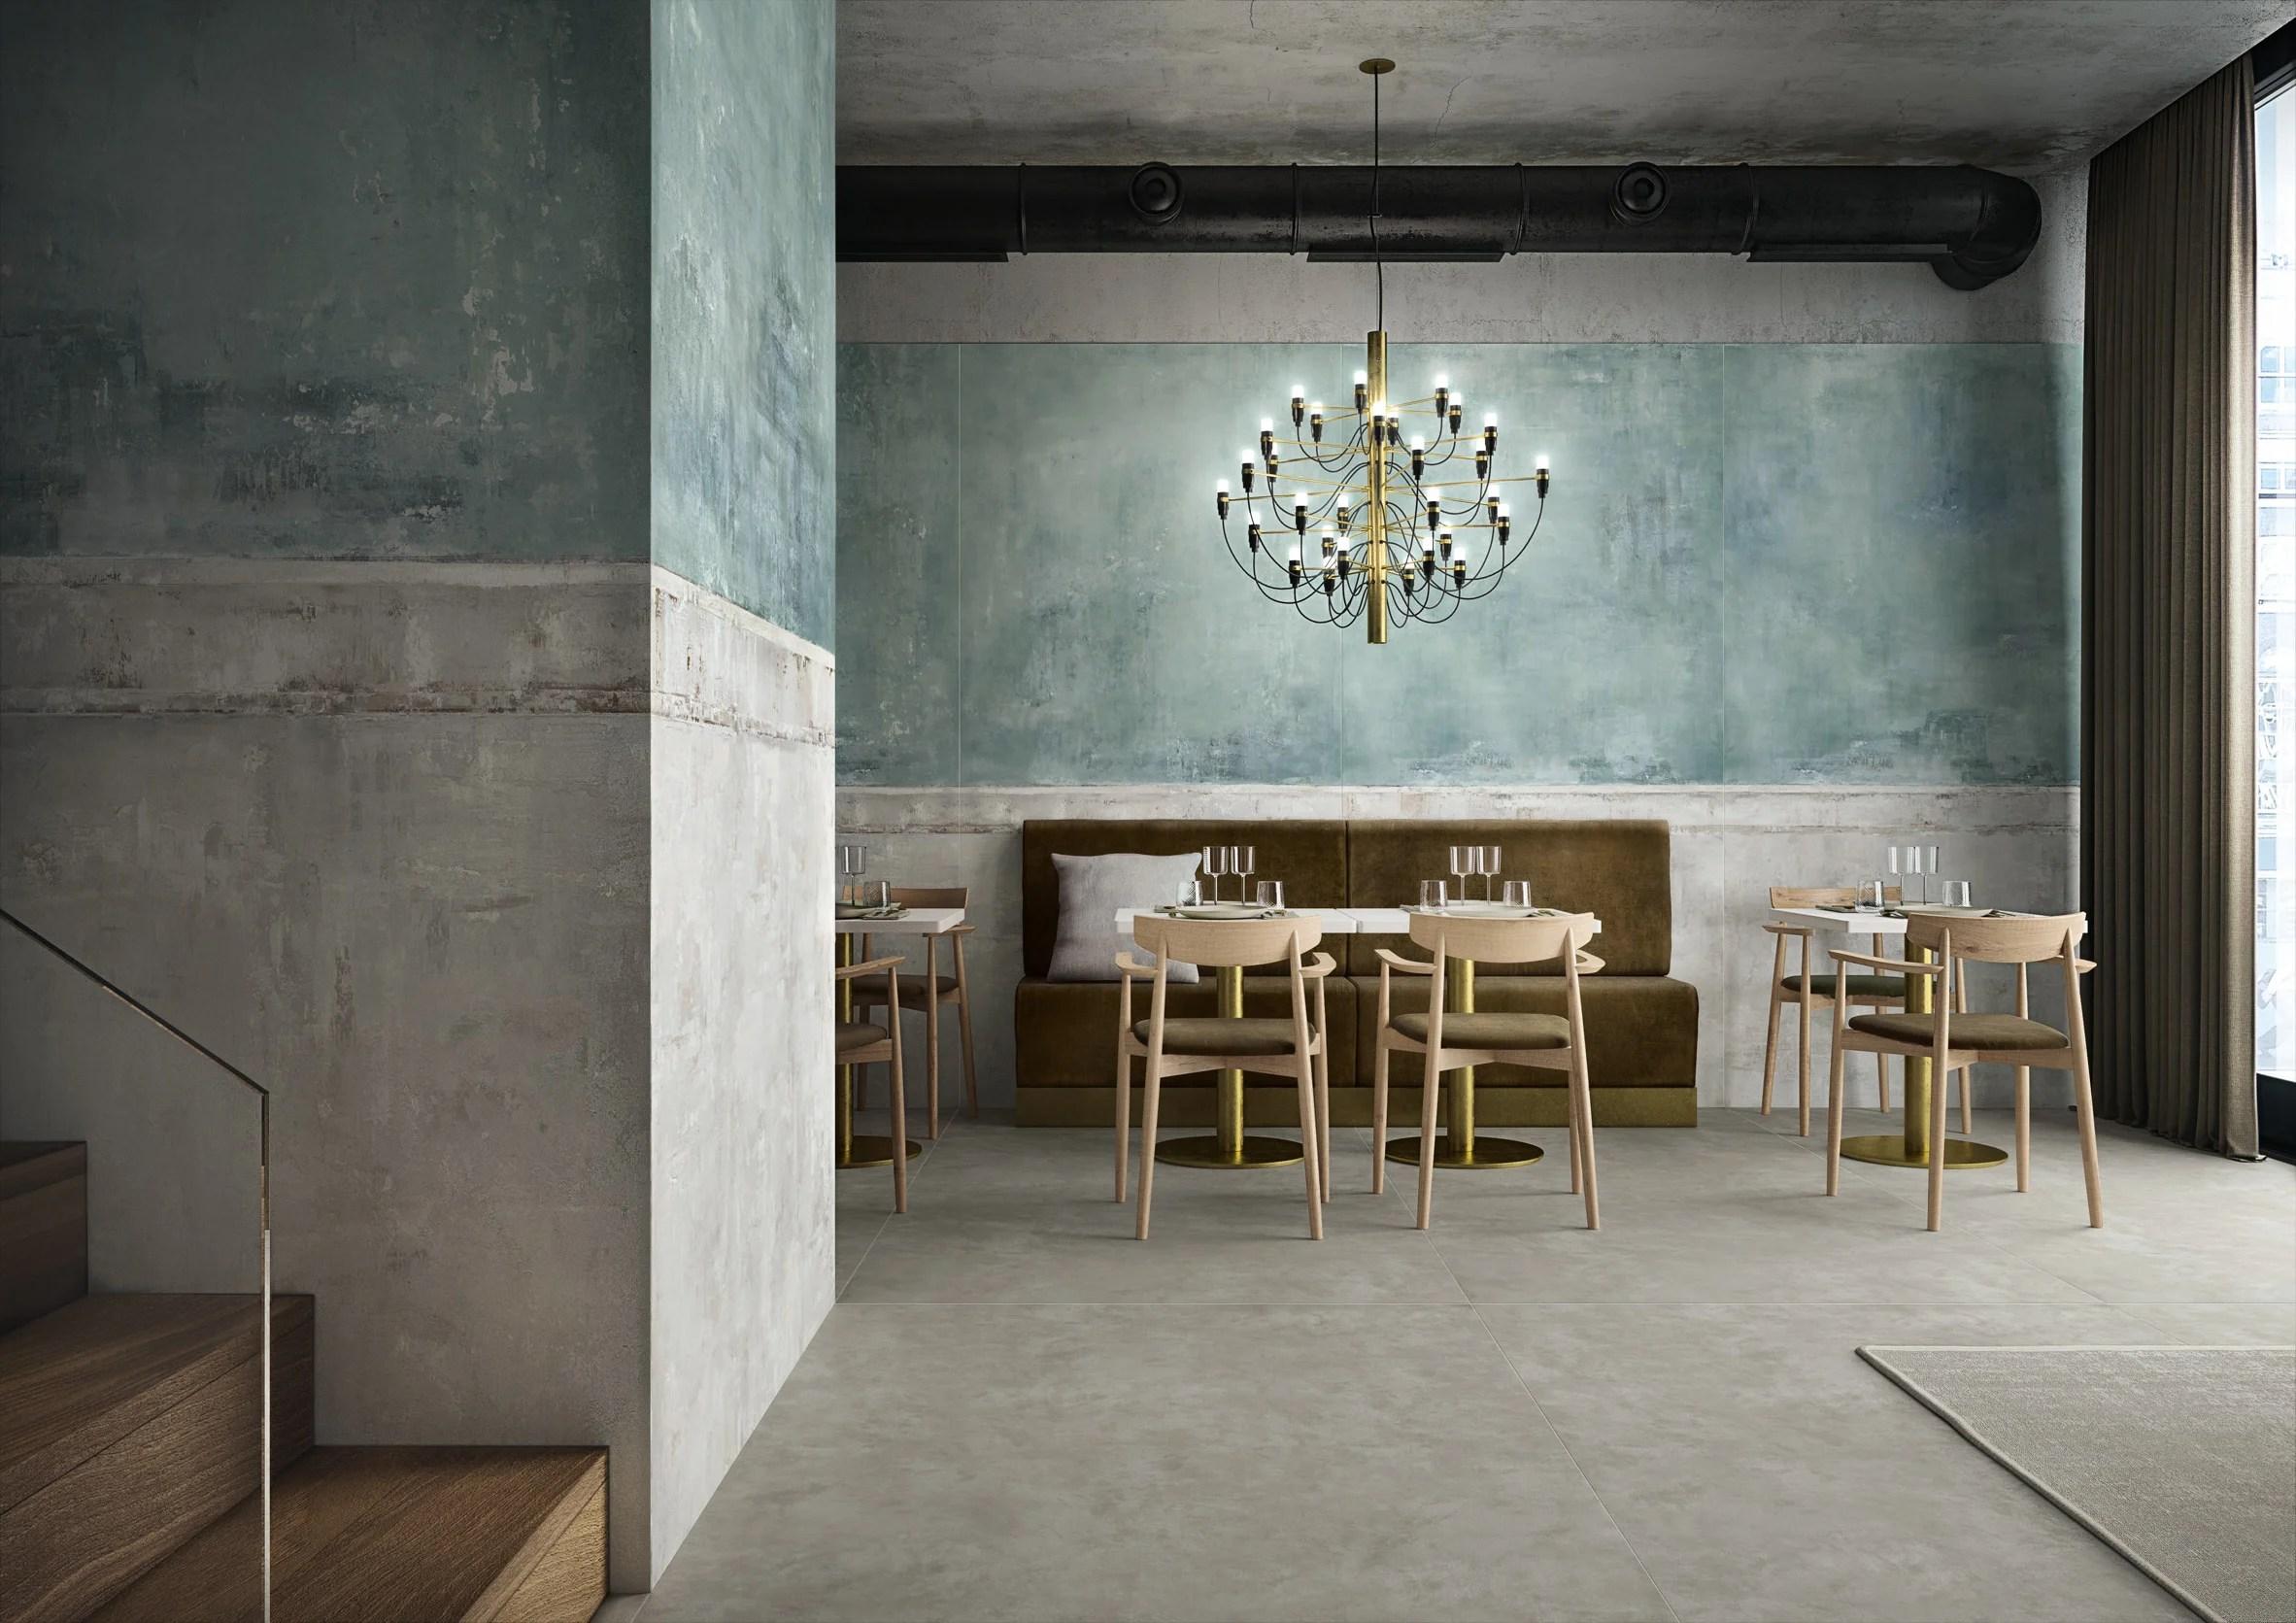 Storie tile collection by Studio Zanellato/Bortotto for CEDIT